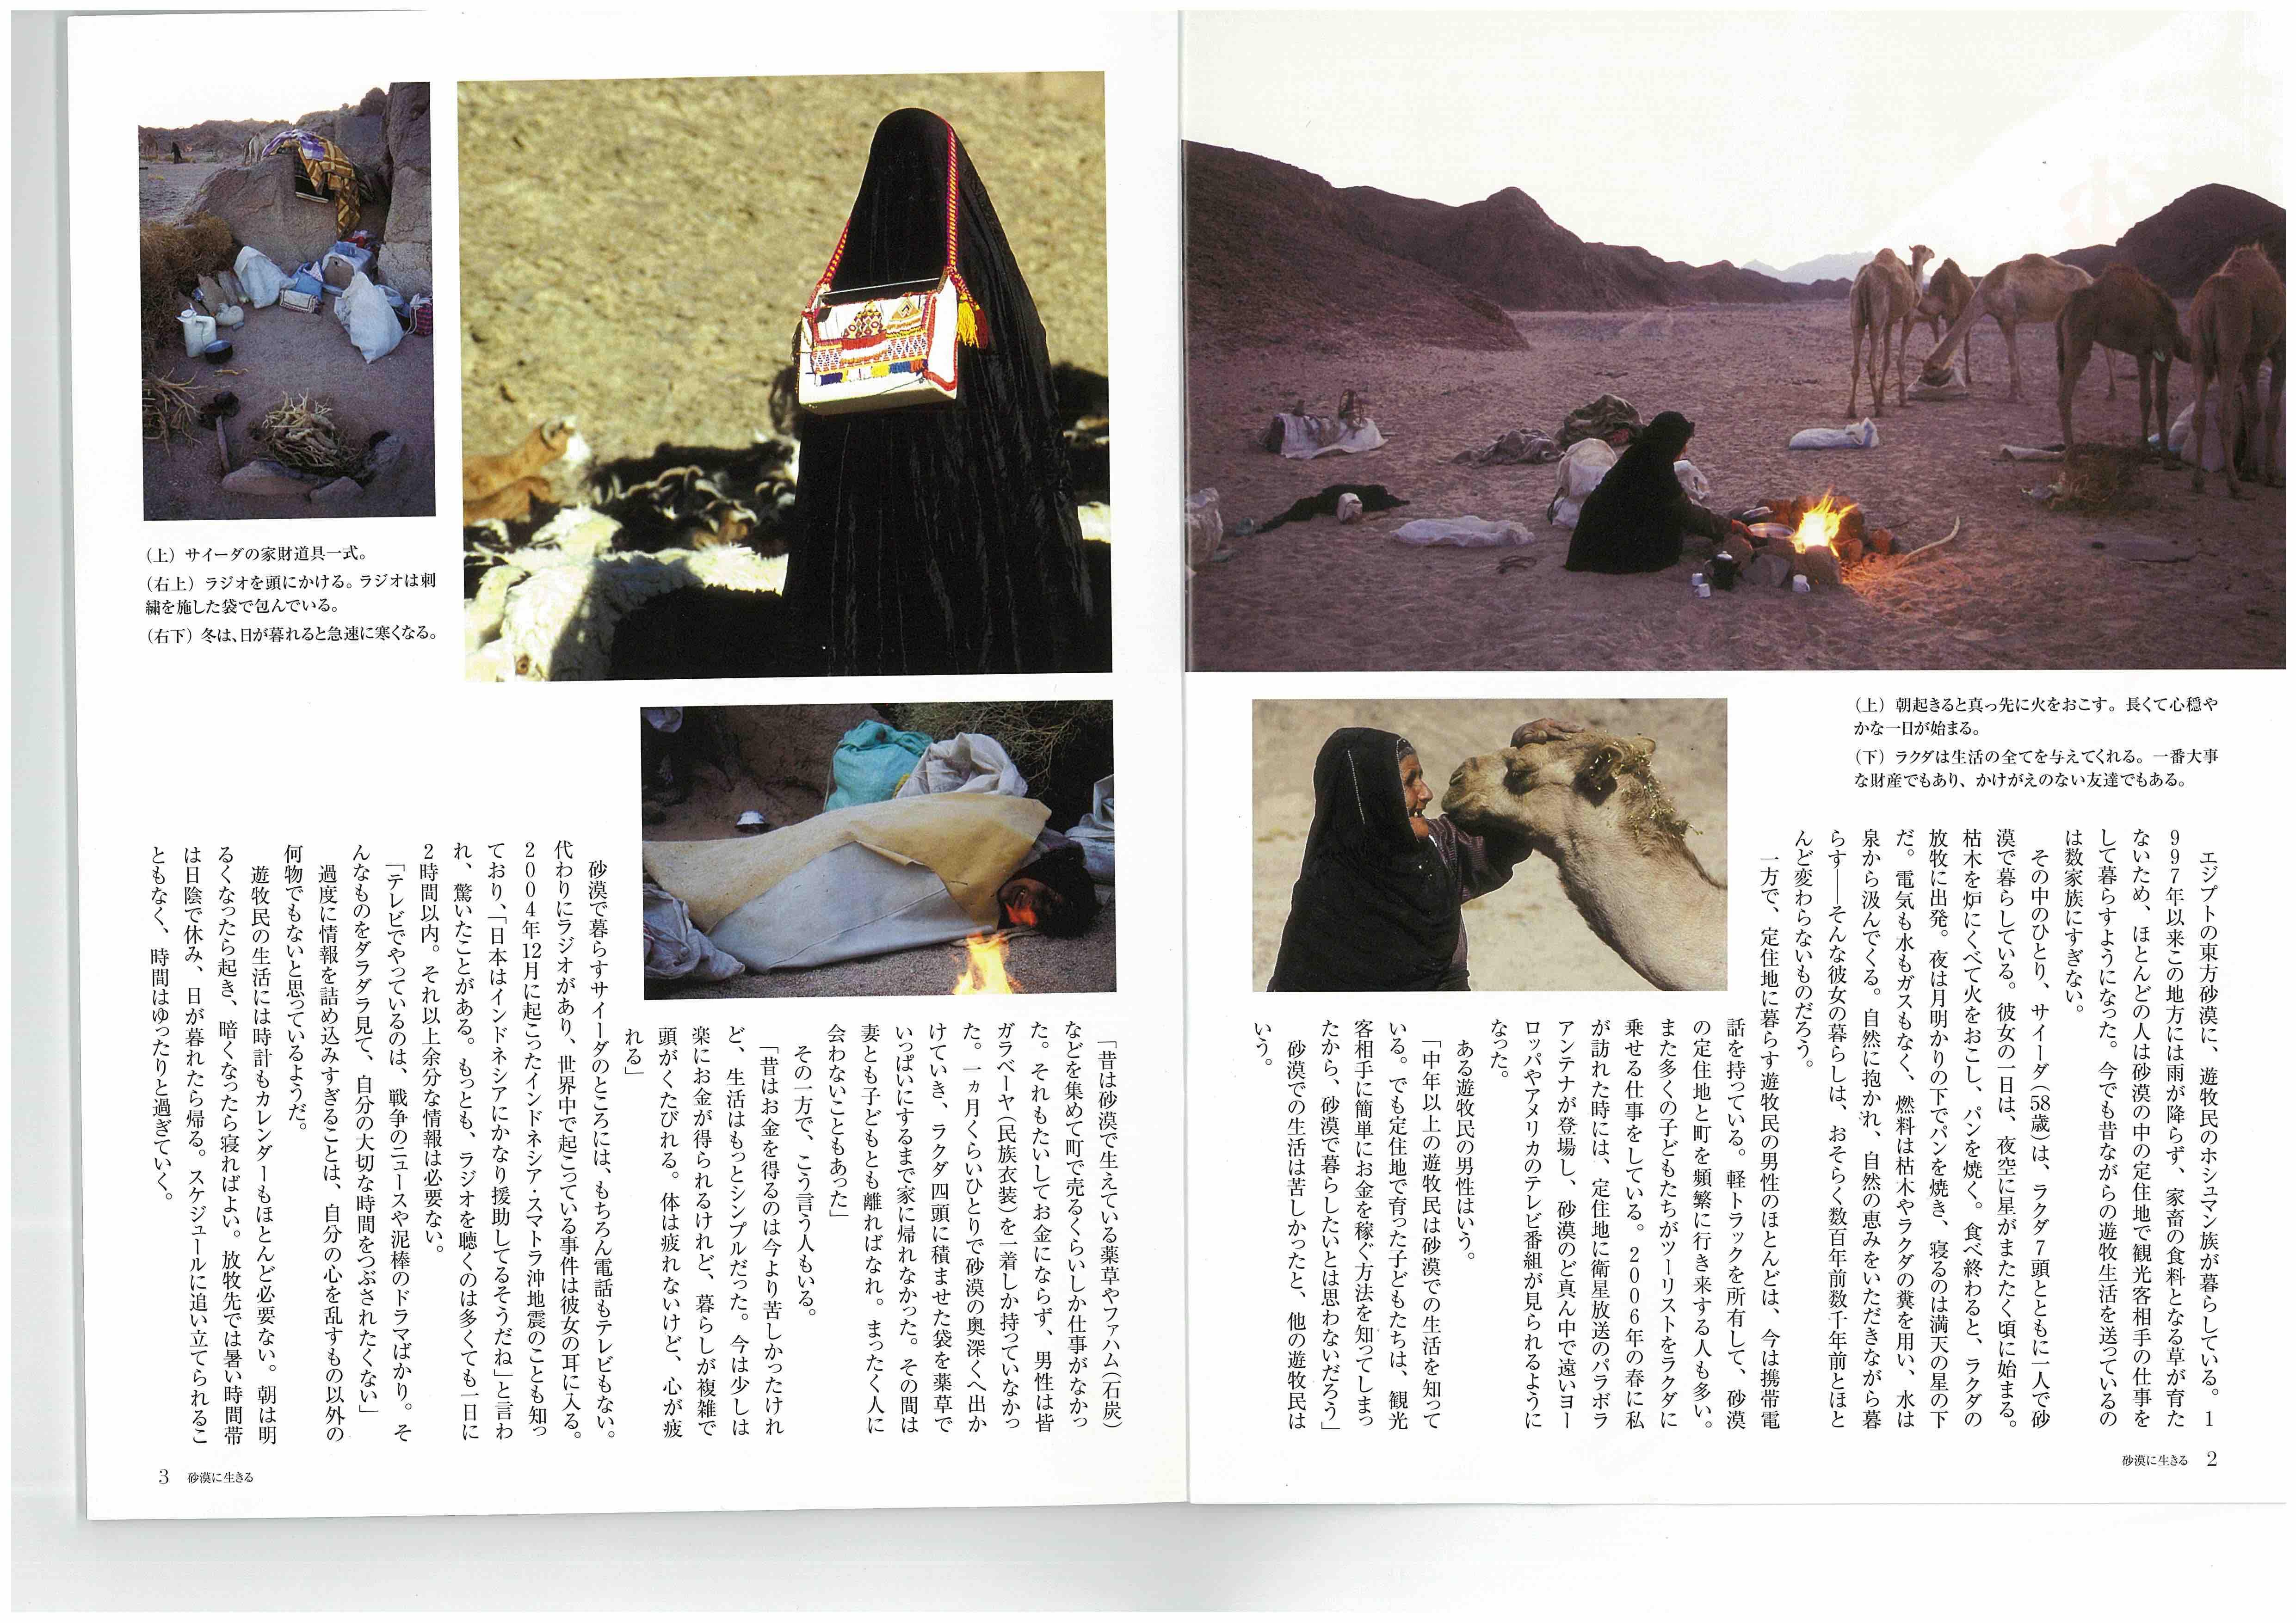 無限大「サイーダ」(2)scan-001